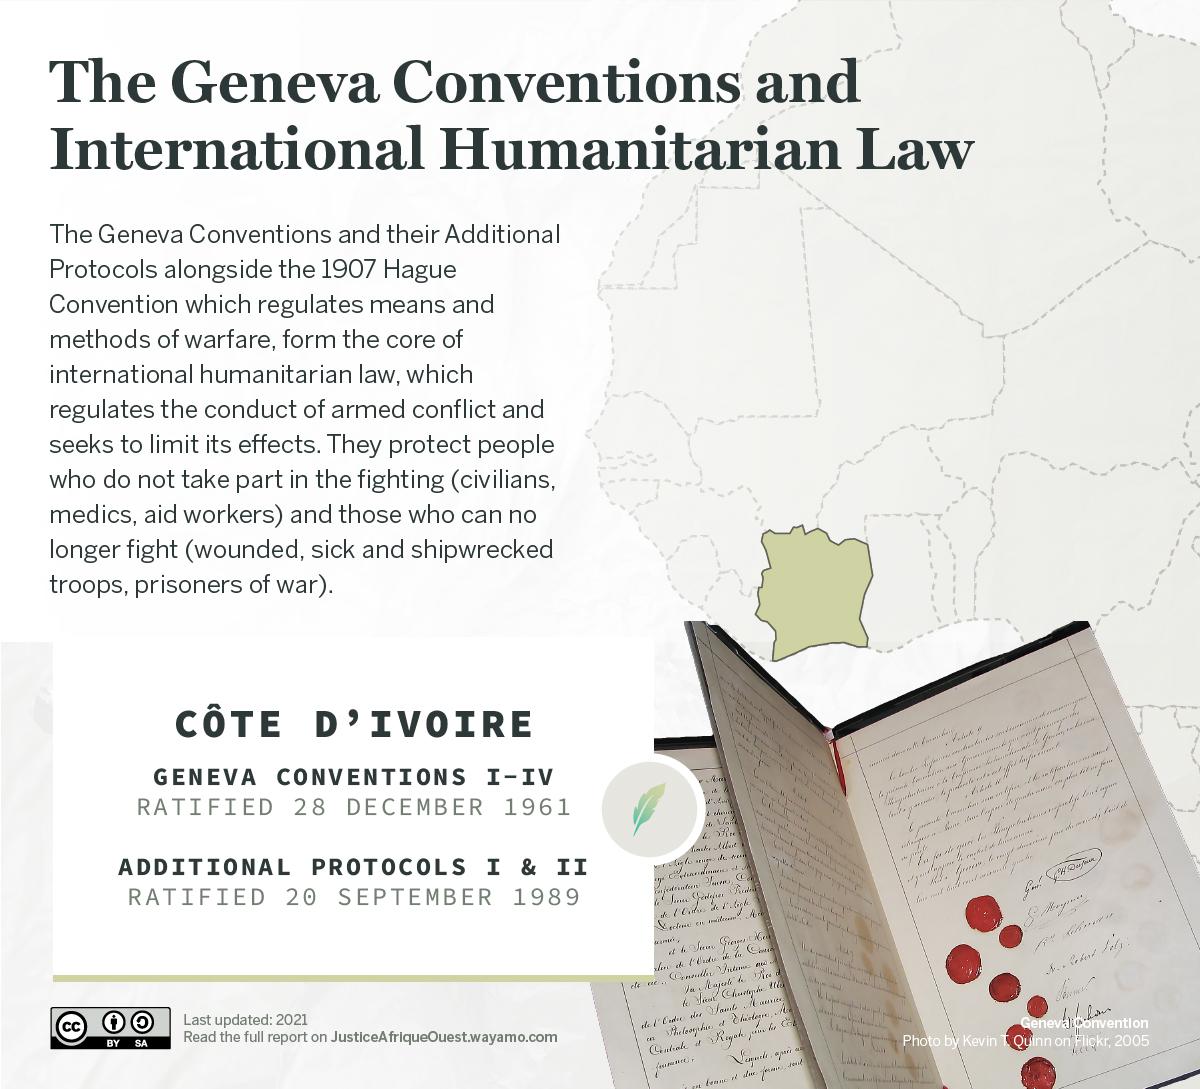 COTE D'IVOIRE_Geneva Conventions - Wayamo Foundation (CC BY-SA 4.0)